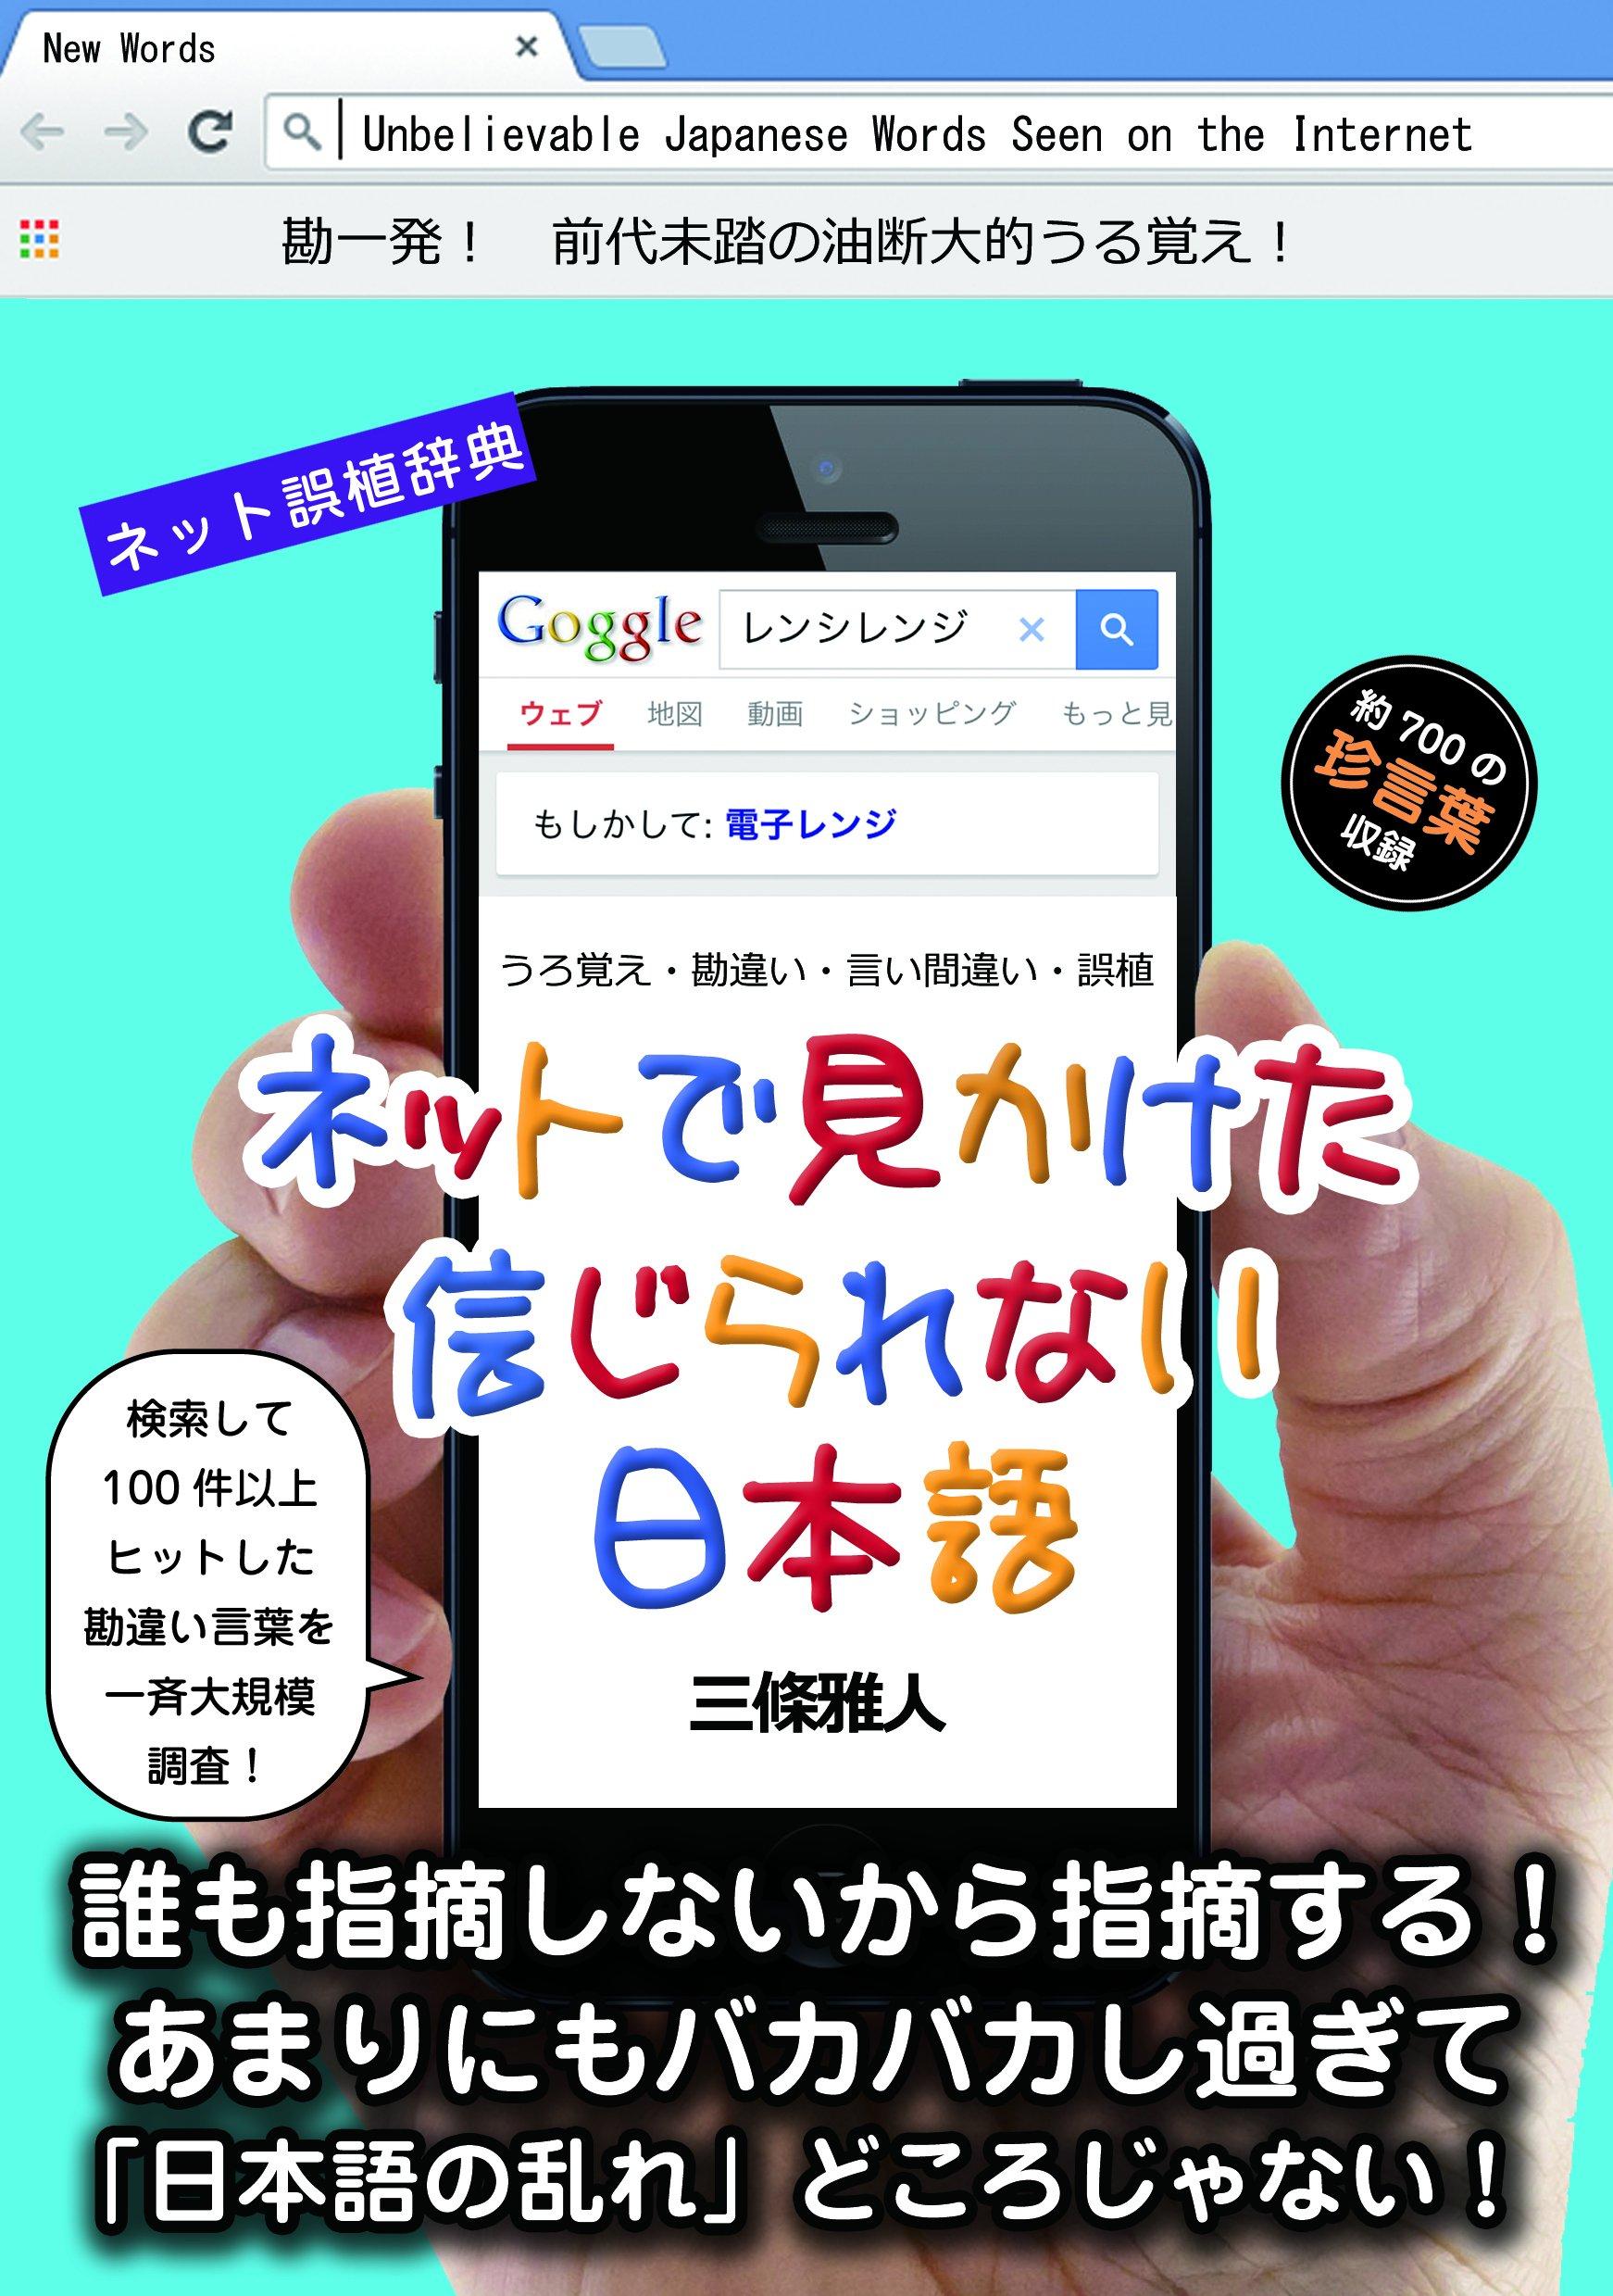 ネットで見かけた信じられない日本語